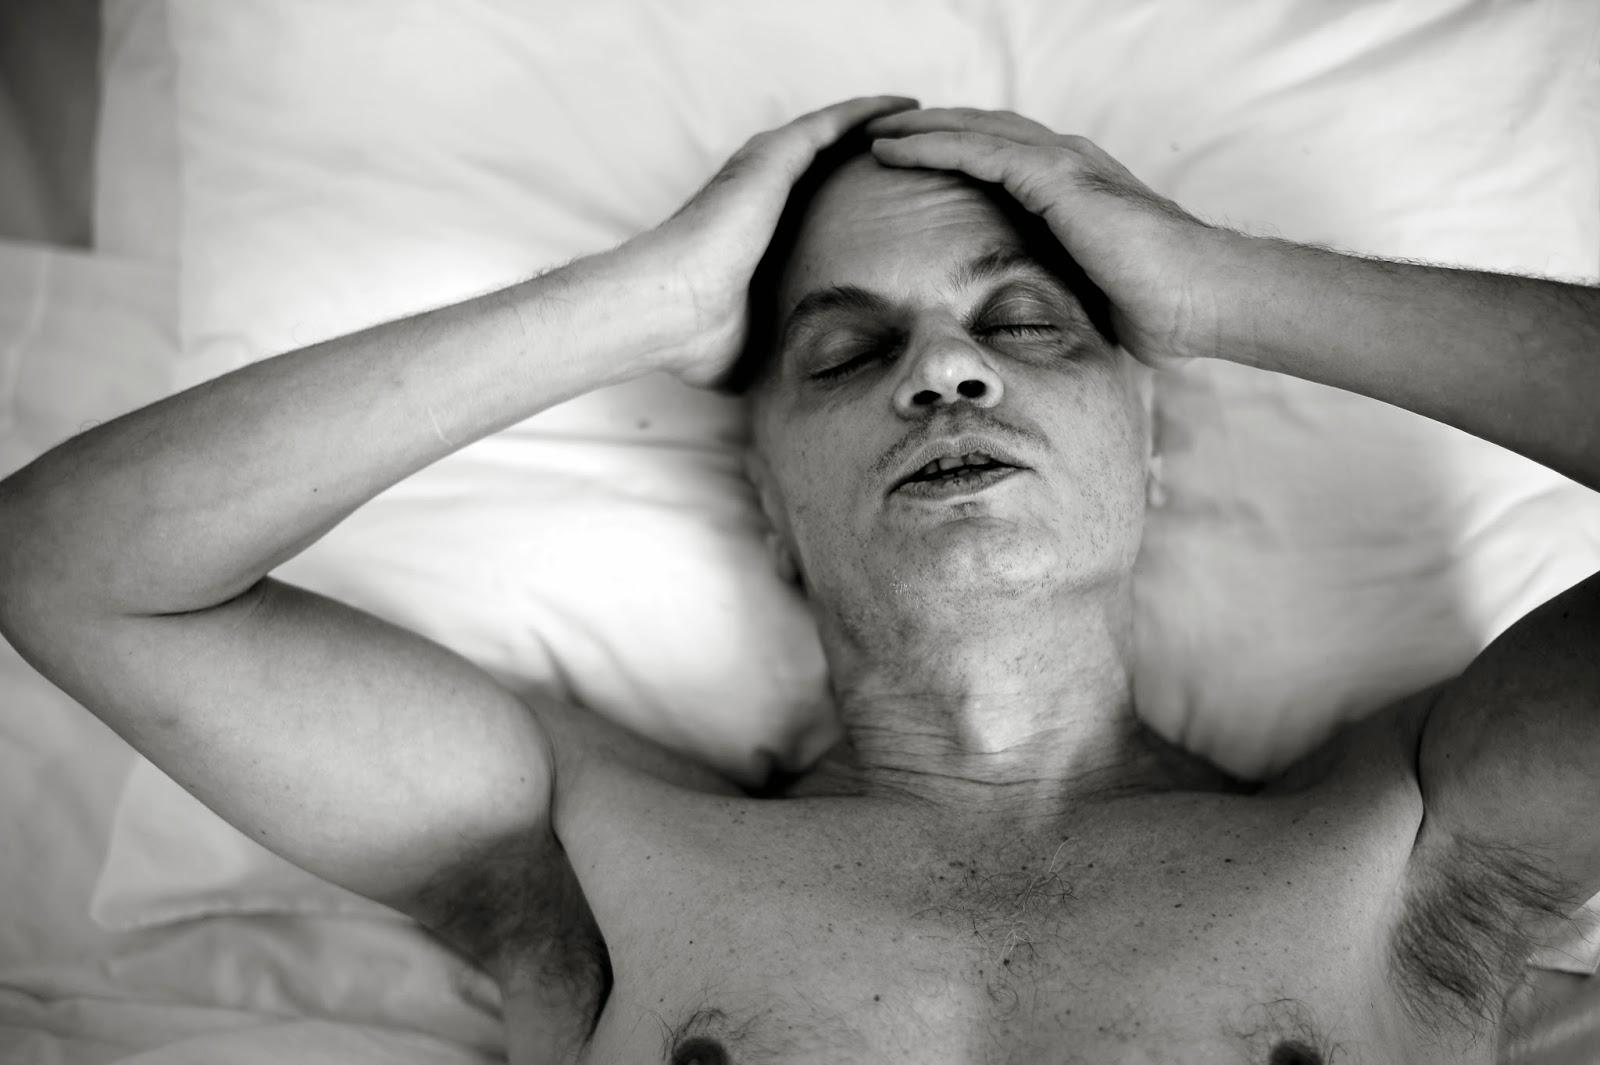 hiv opgelopen door prostituee